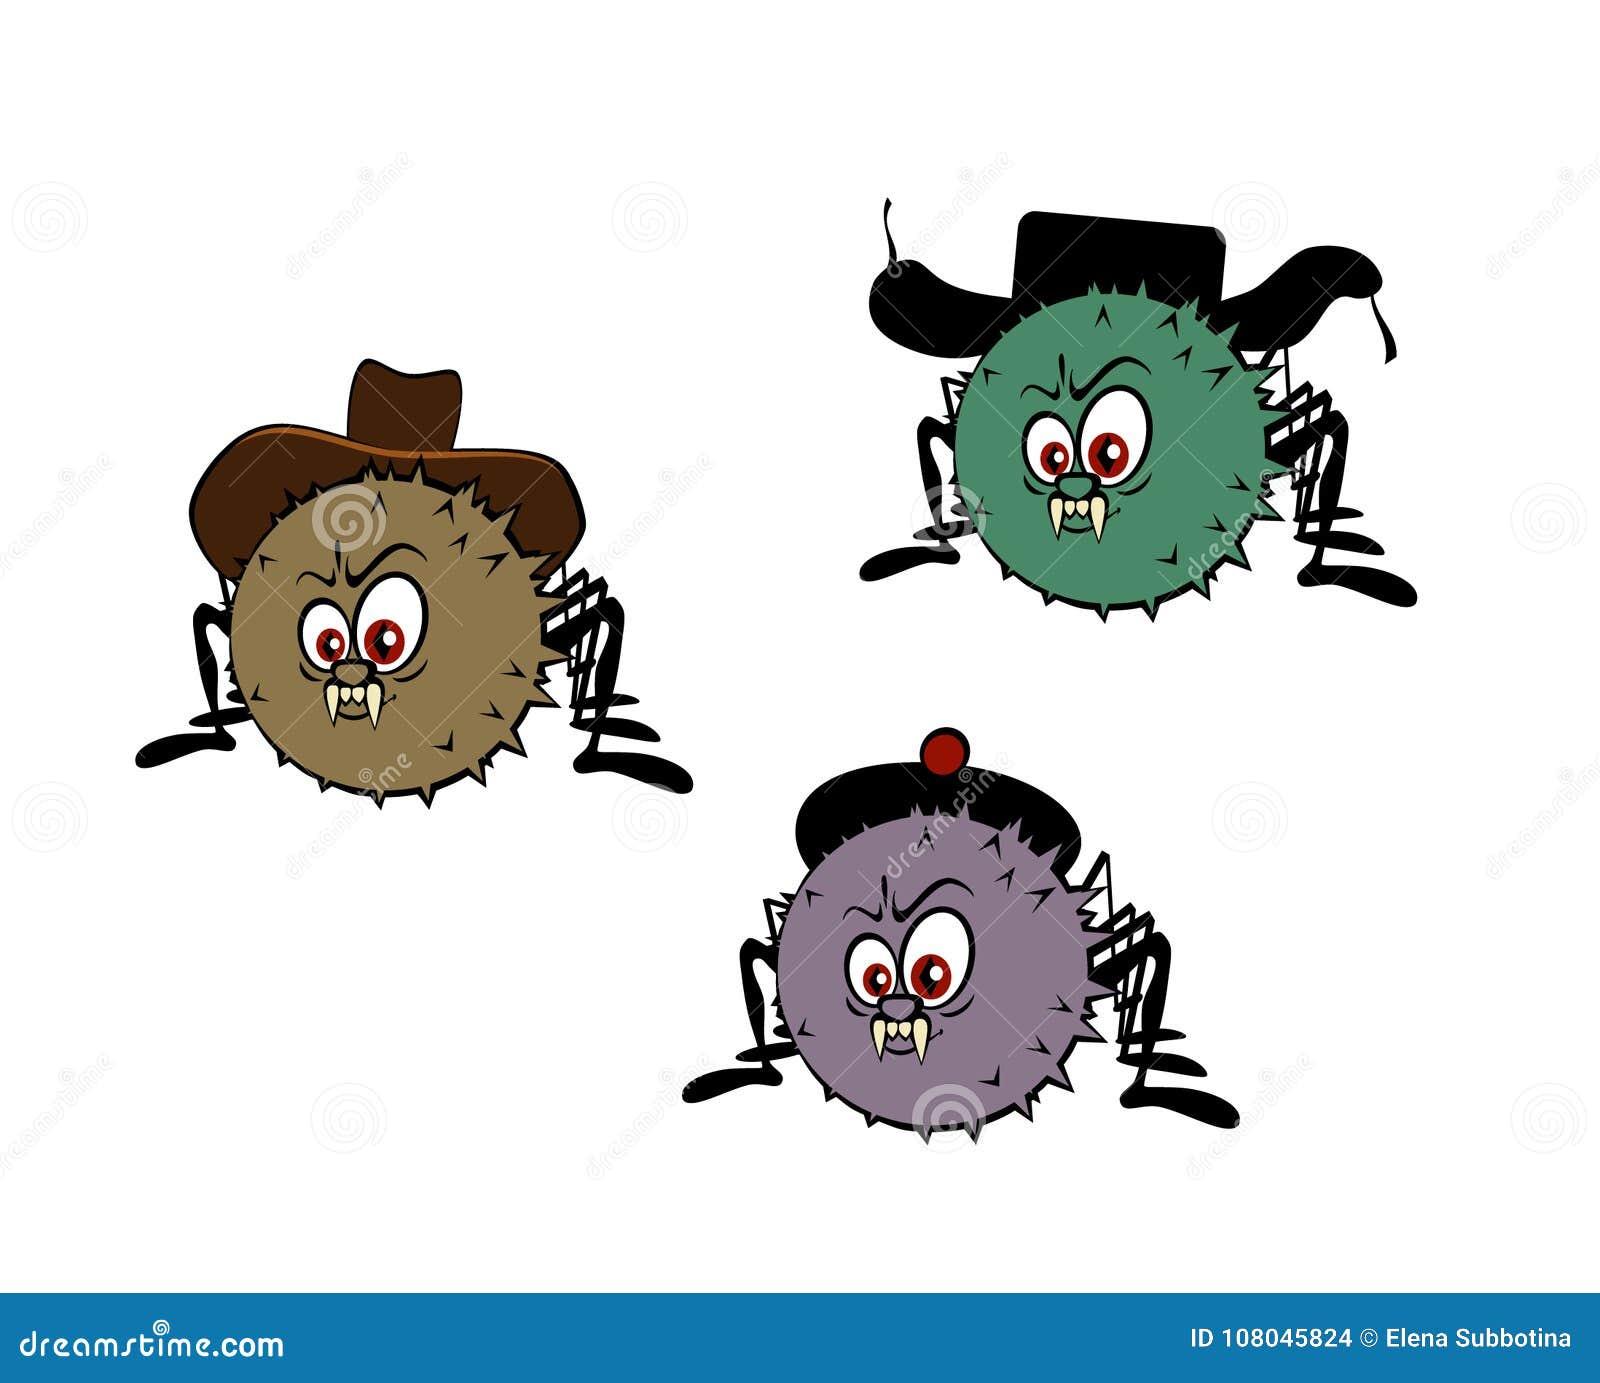 Lustige Spinnen Bilder